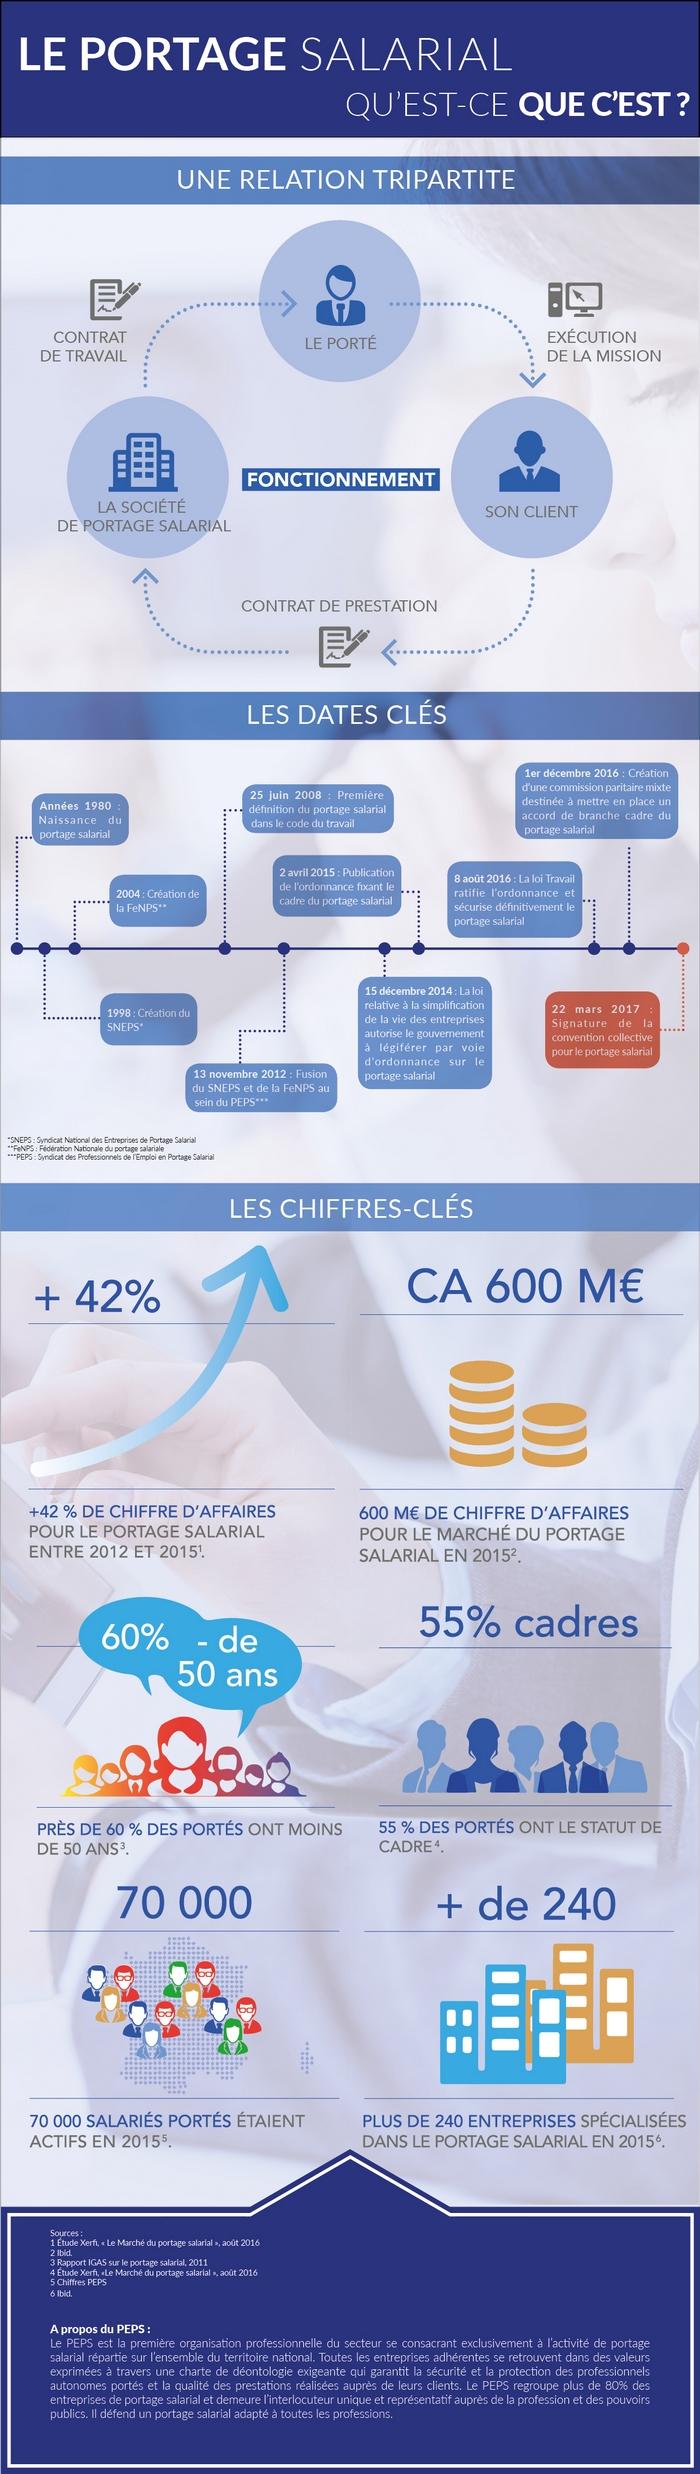 Infographie | Le portage salarial, qu'est-ce que c'est ?